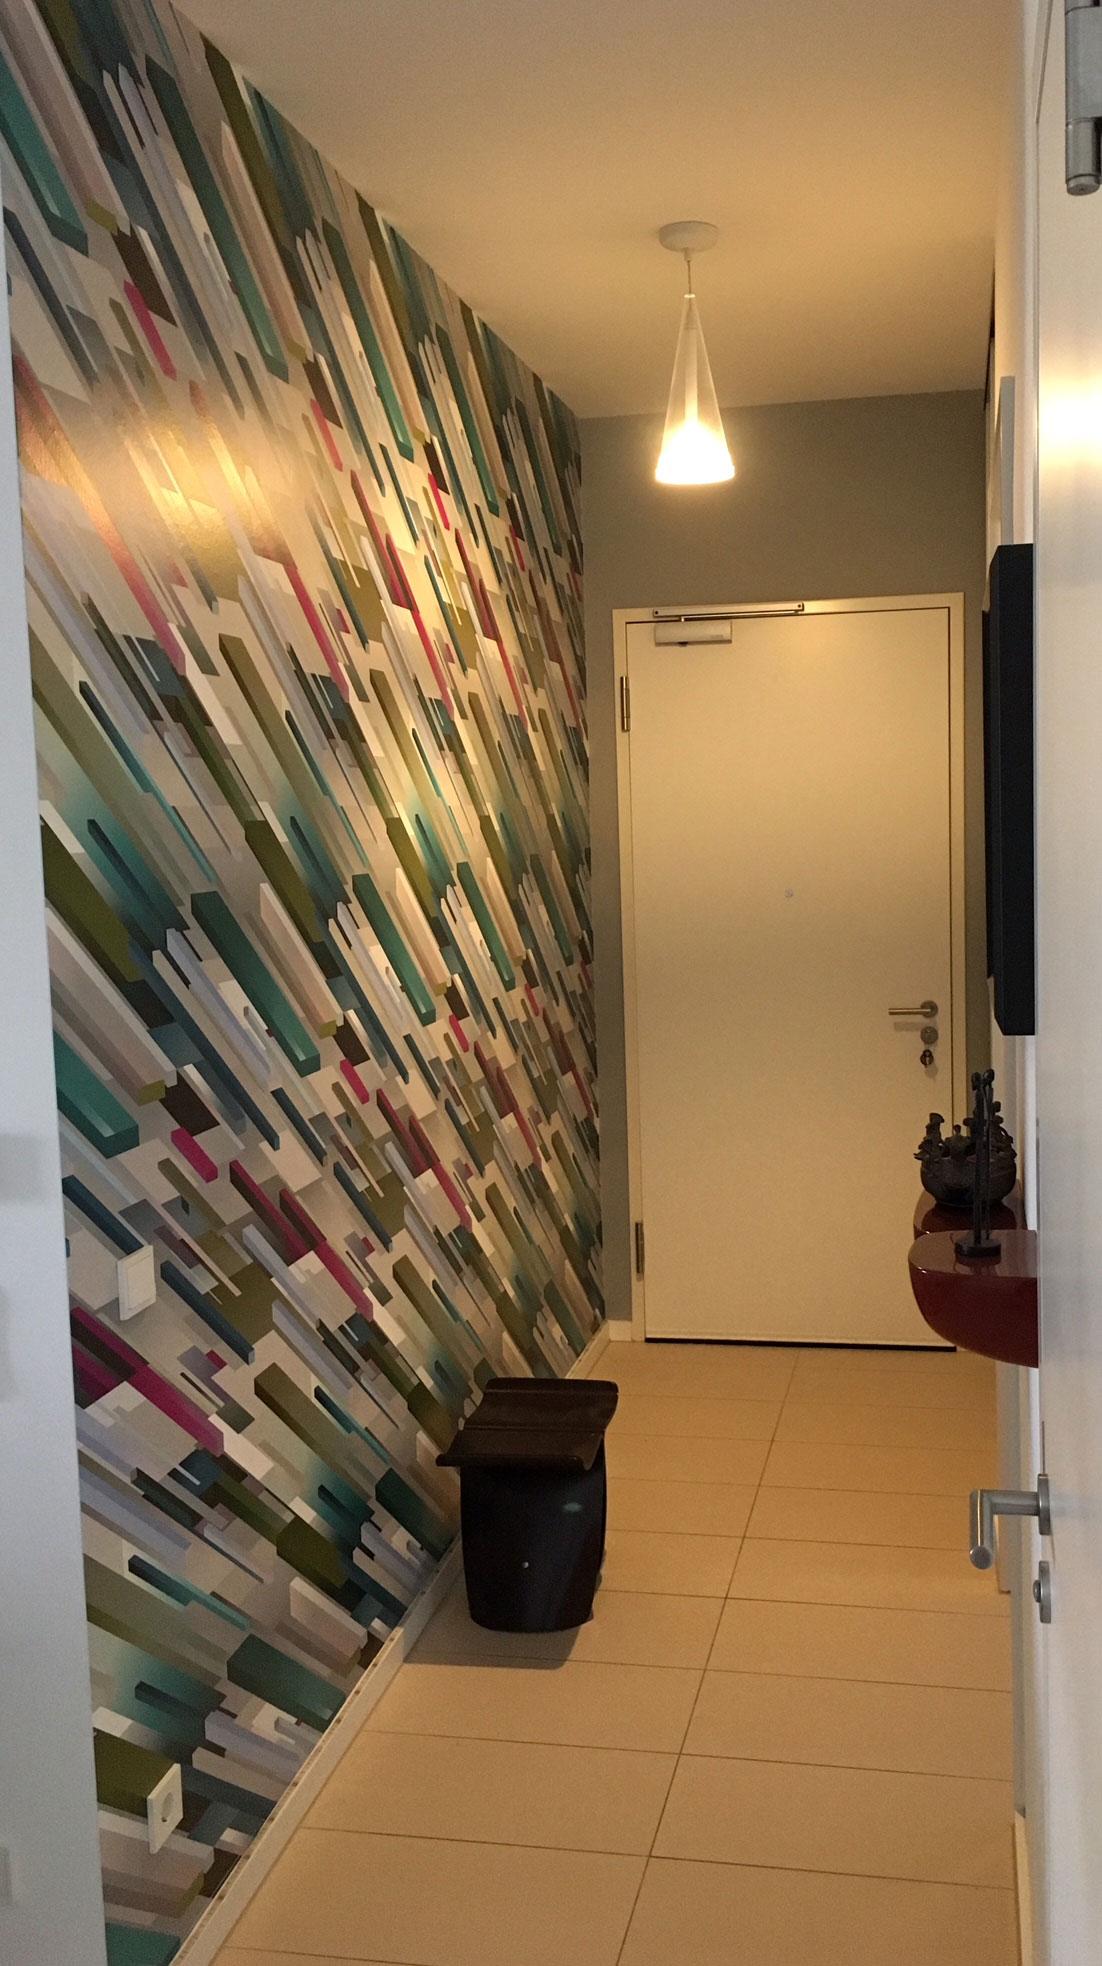 heimwerker renovieren - tapeten selber tapezieren